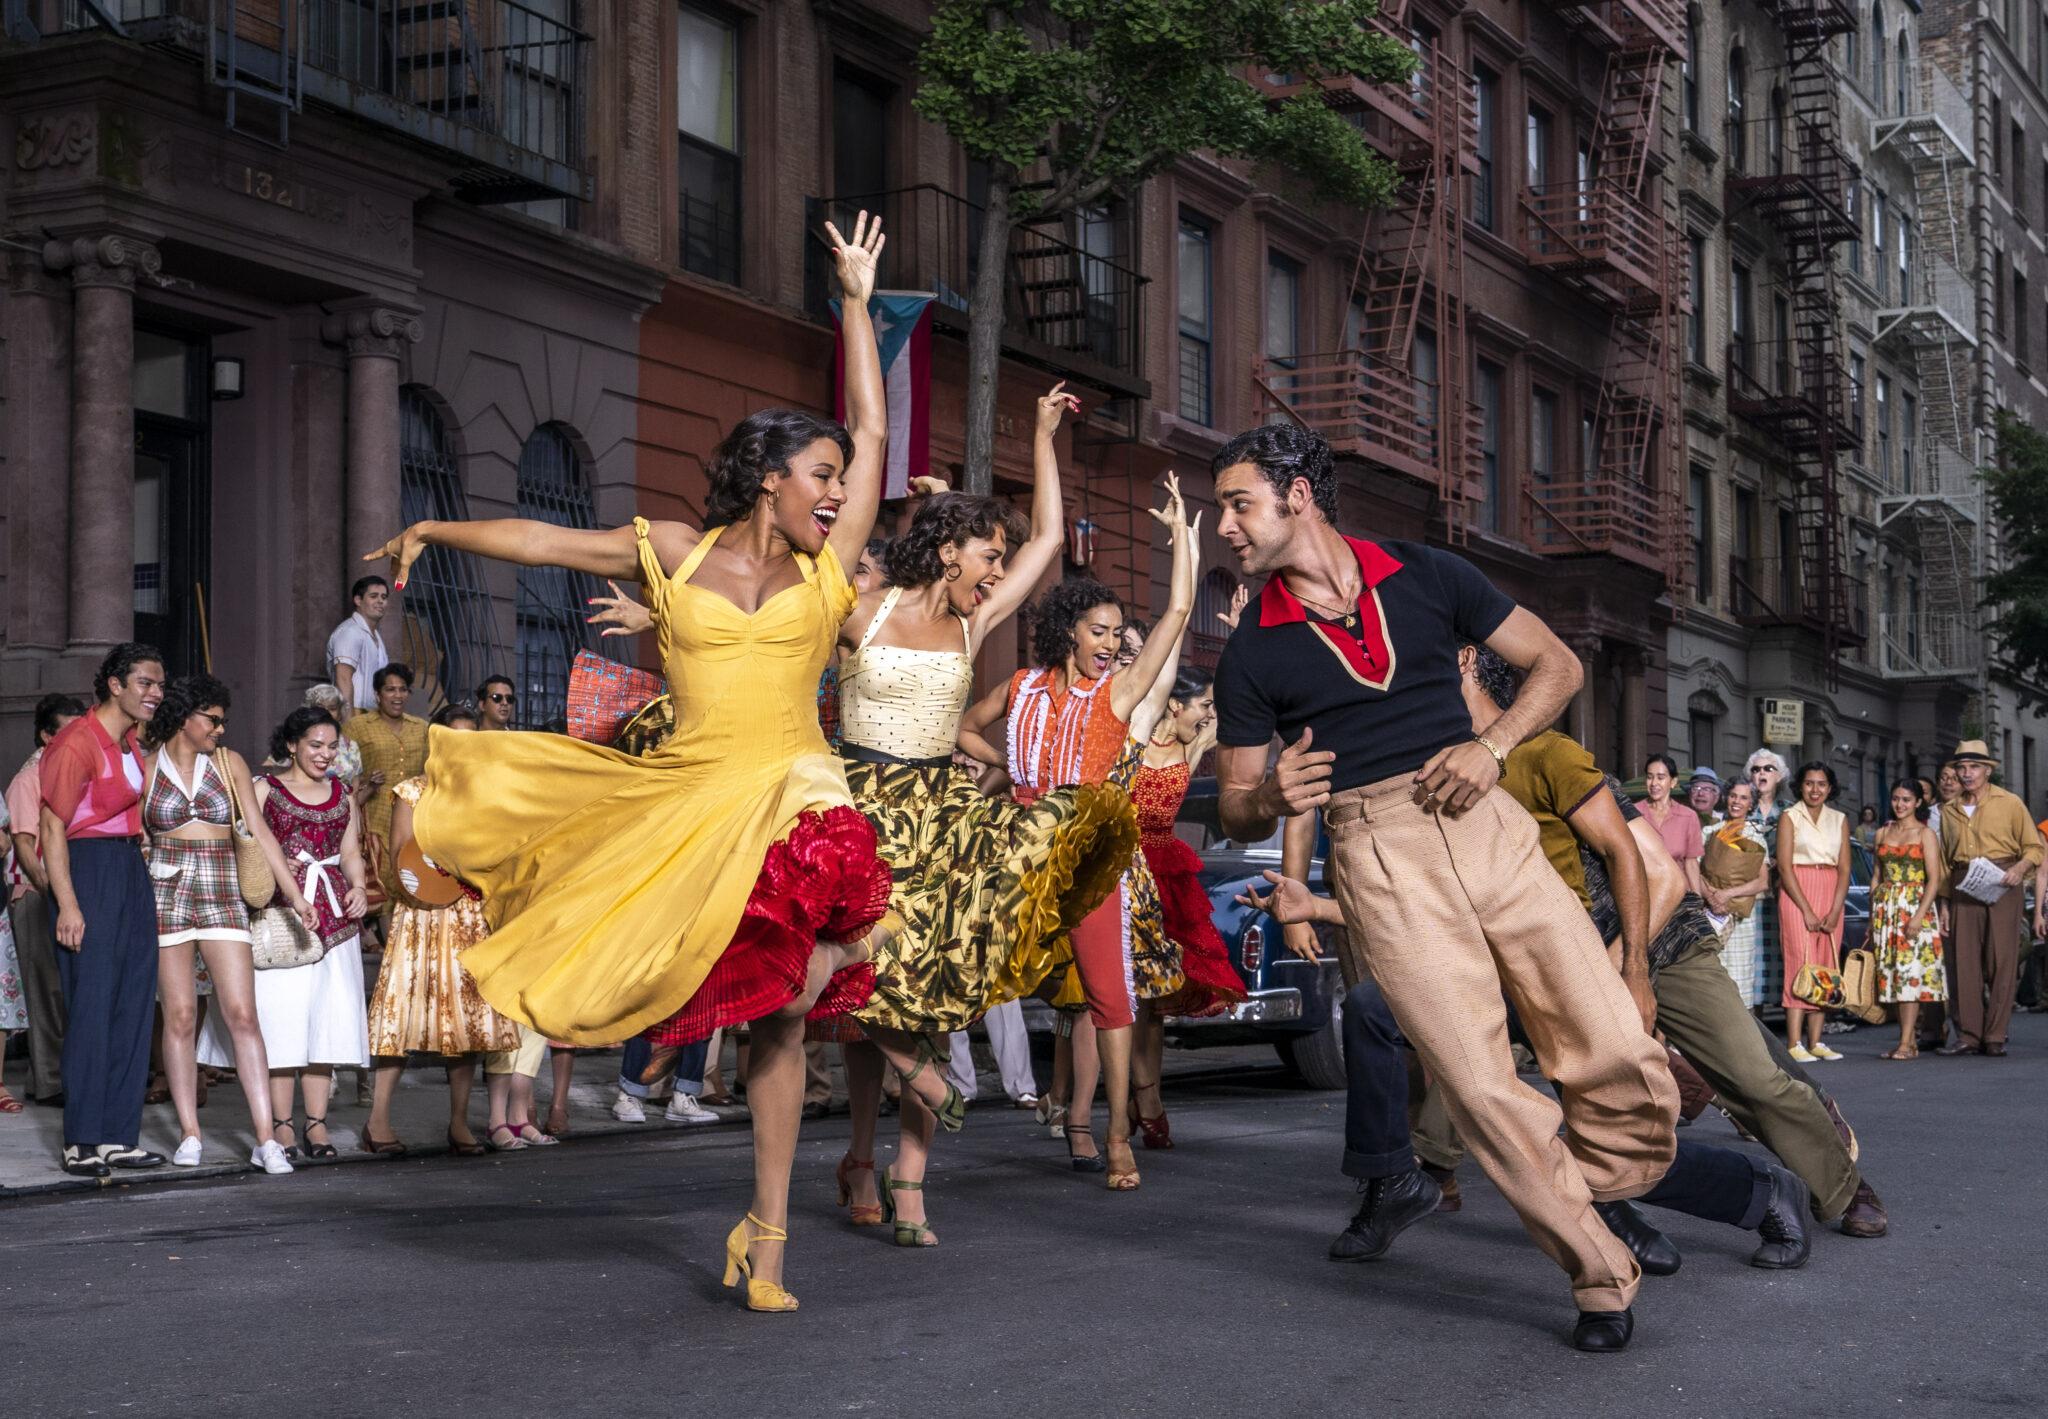 Die Szene aus West Side Story zeigt eine Tanzchoreografie auf offener Straße. Drei Frauen stehen mit erhobenen Armen drei Männern gegenüber, alle tragen bunte Kleidung. Im Hintergrund sieht man viele Zuschauer und Backsteinhäuserfronten.